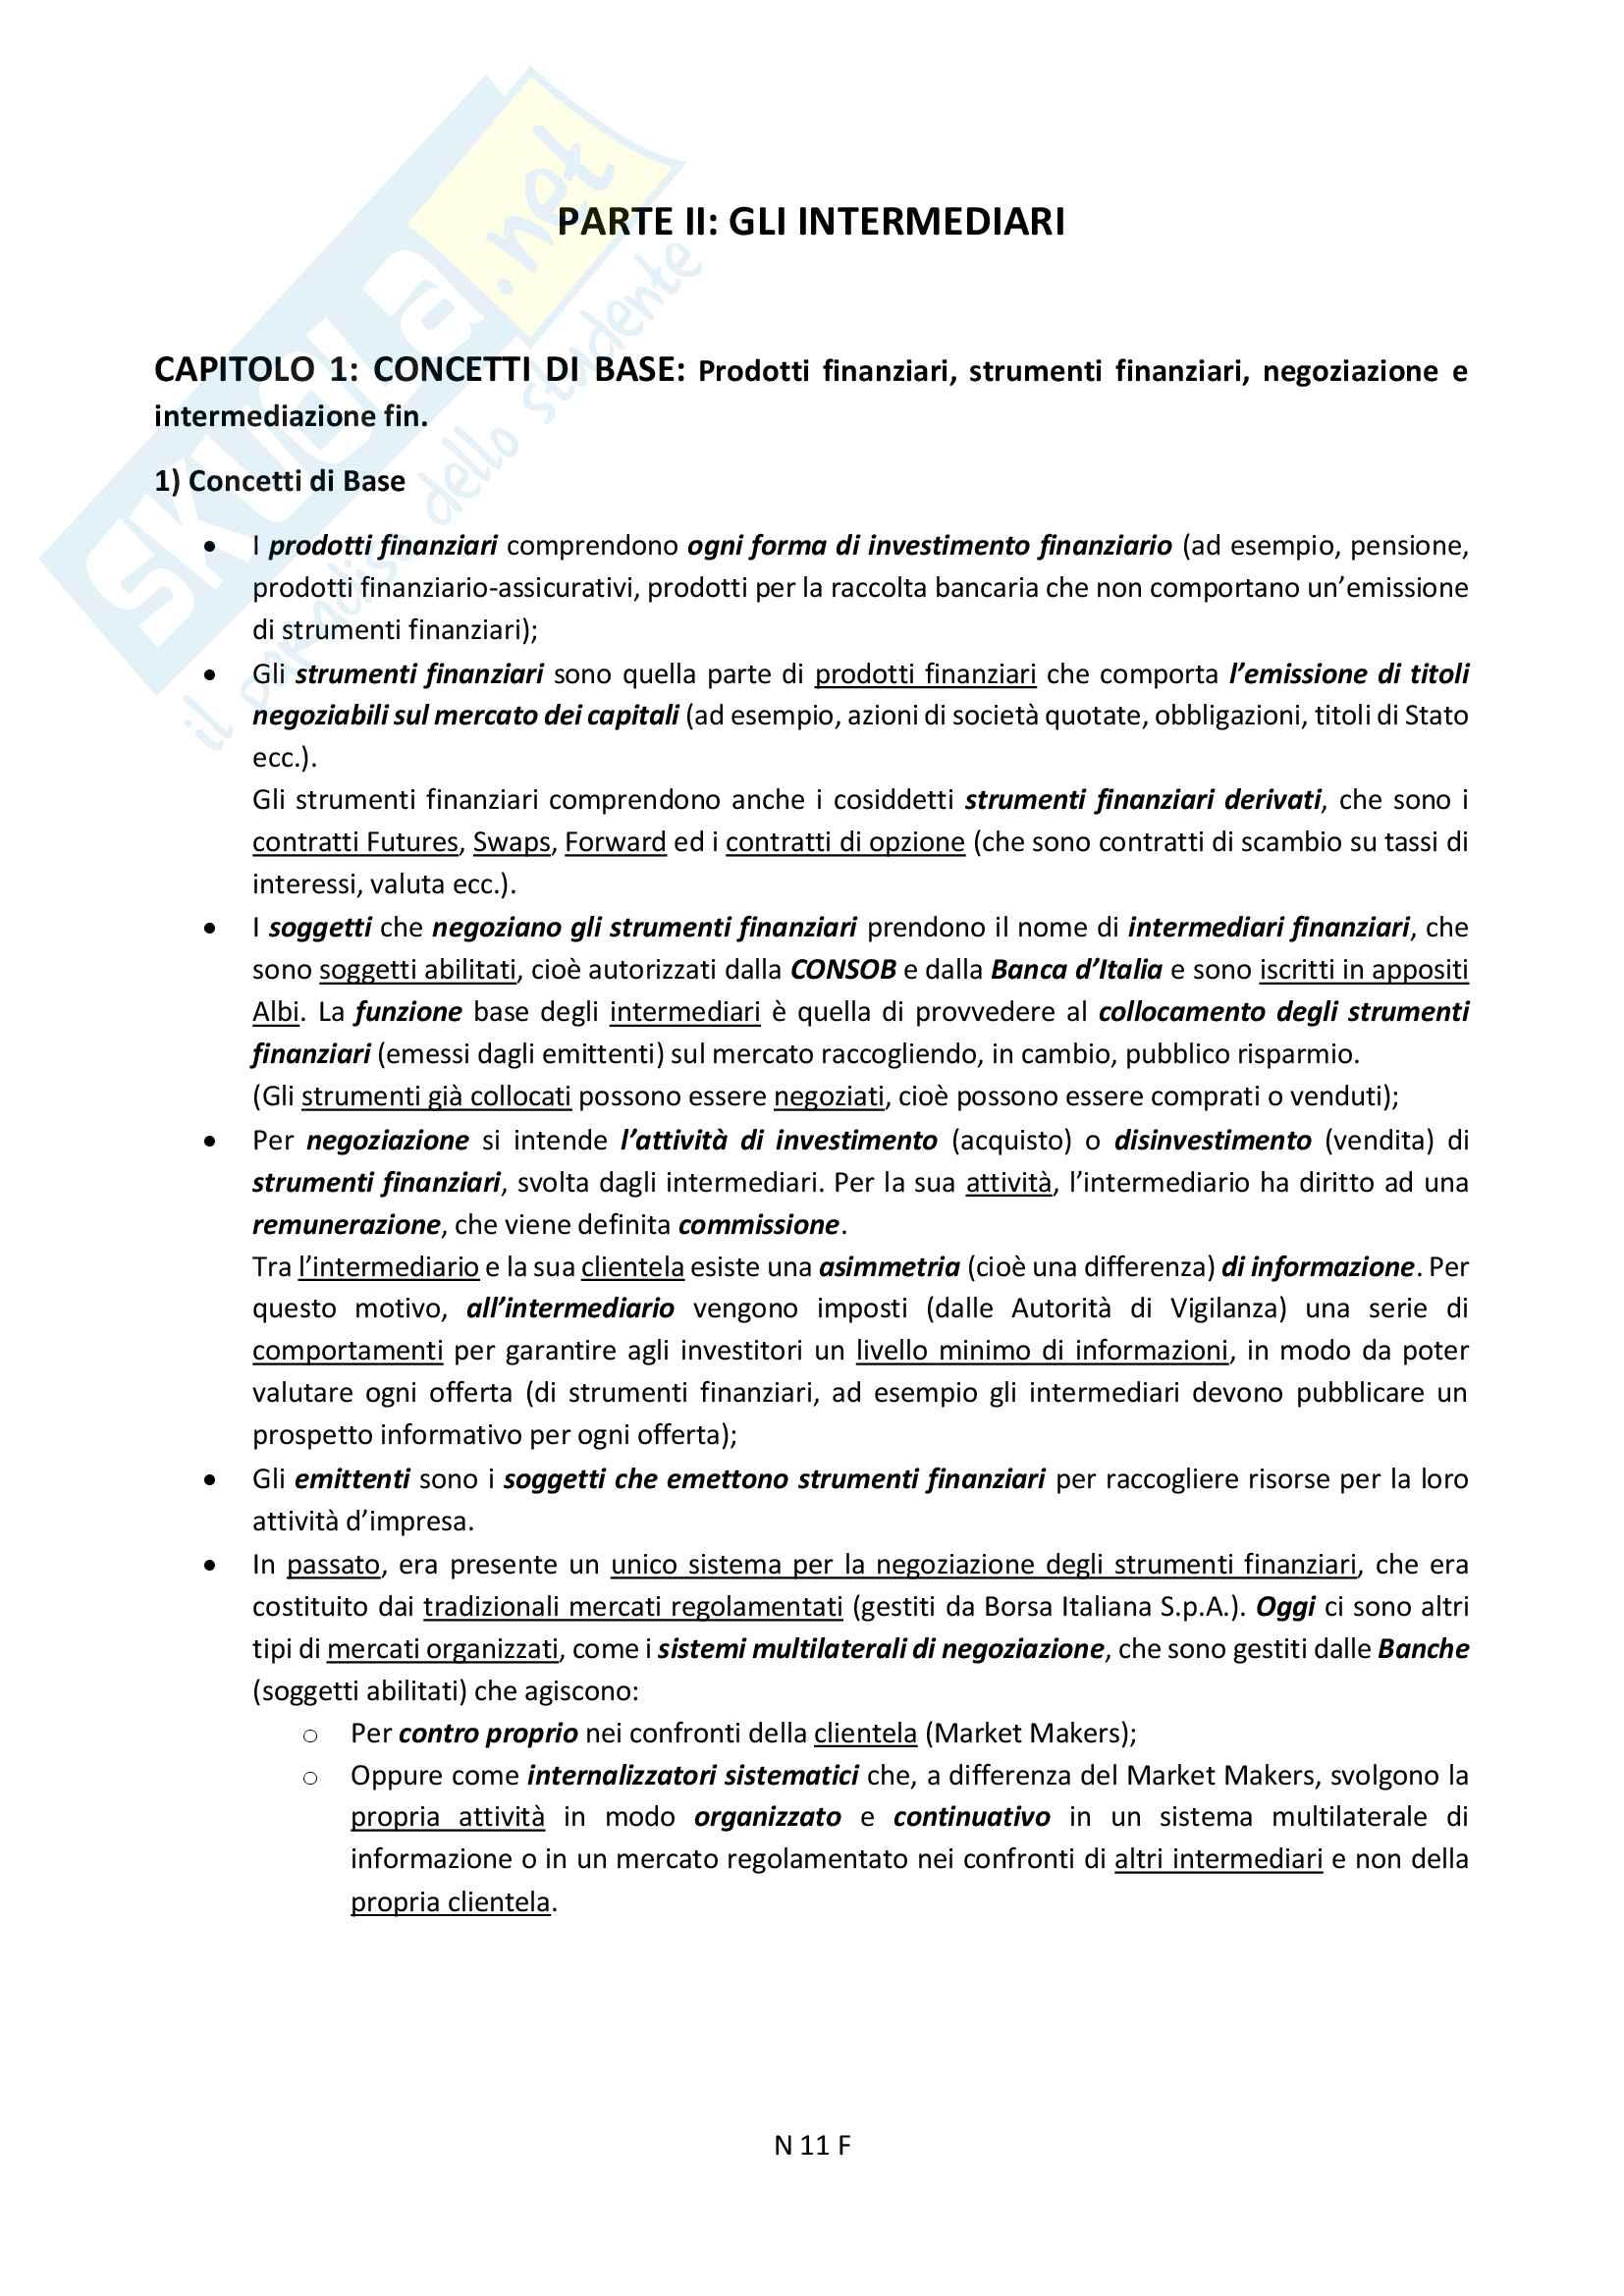 """Riassunto esame Diritto Finanziario, prof. Ciraolo, Libro consigliato """"Manuale di Diritto del Mercato Finanziario"""", Sandro Ambrosino, quarta edizione. Pag. 11"""